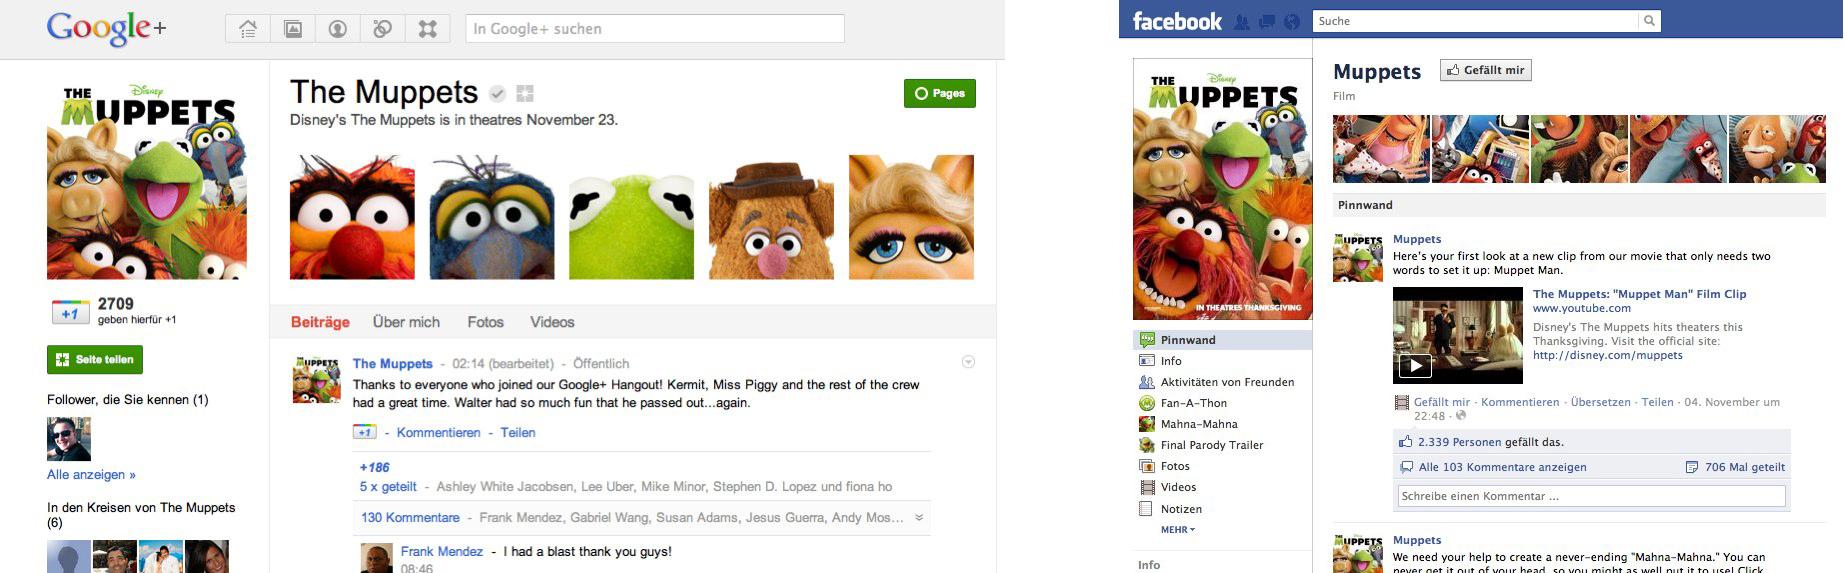 Facebook Pages und Google+ Pages im Vergleich